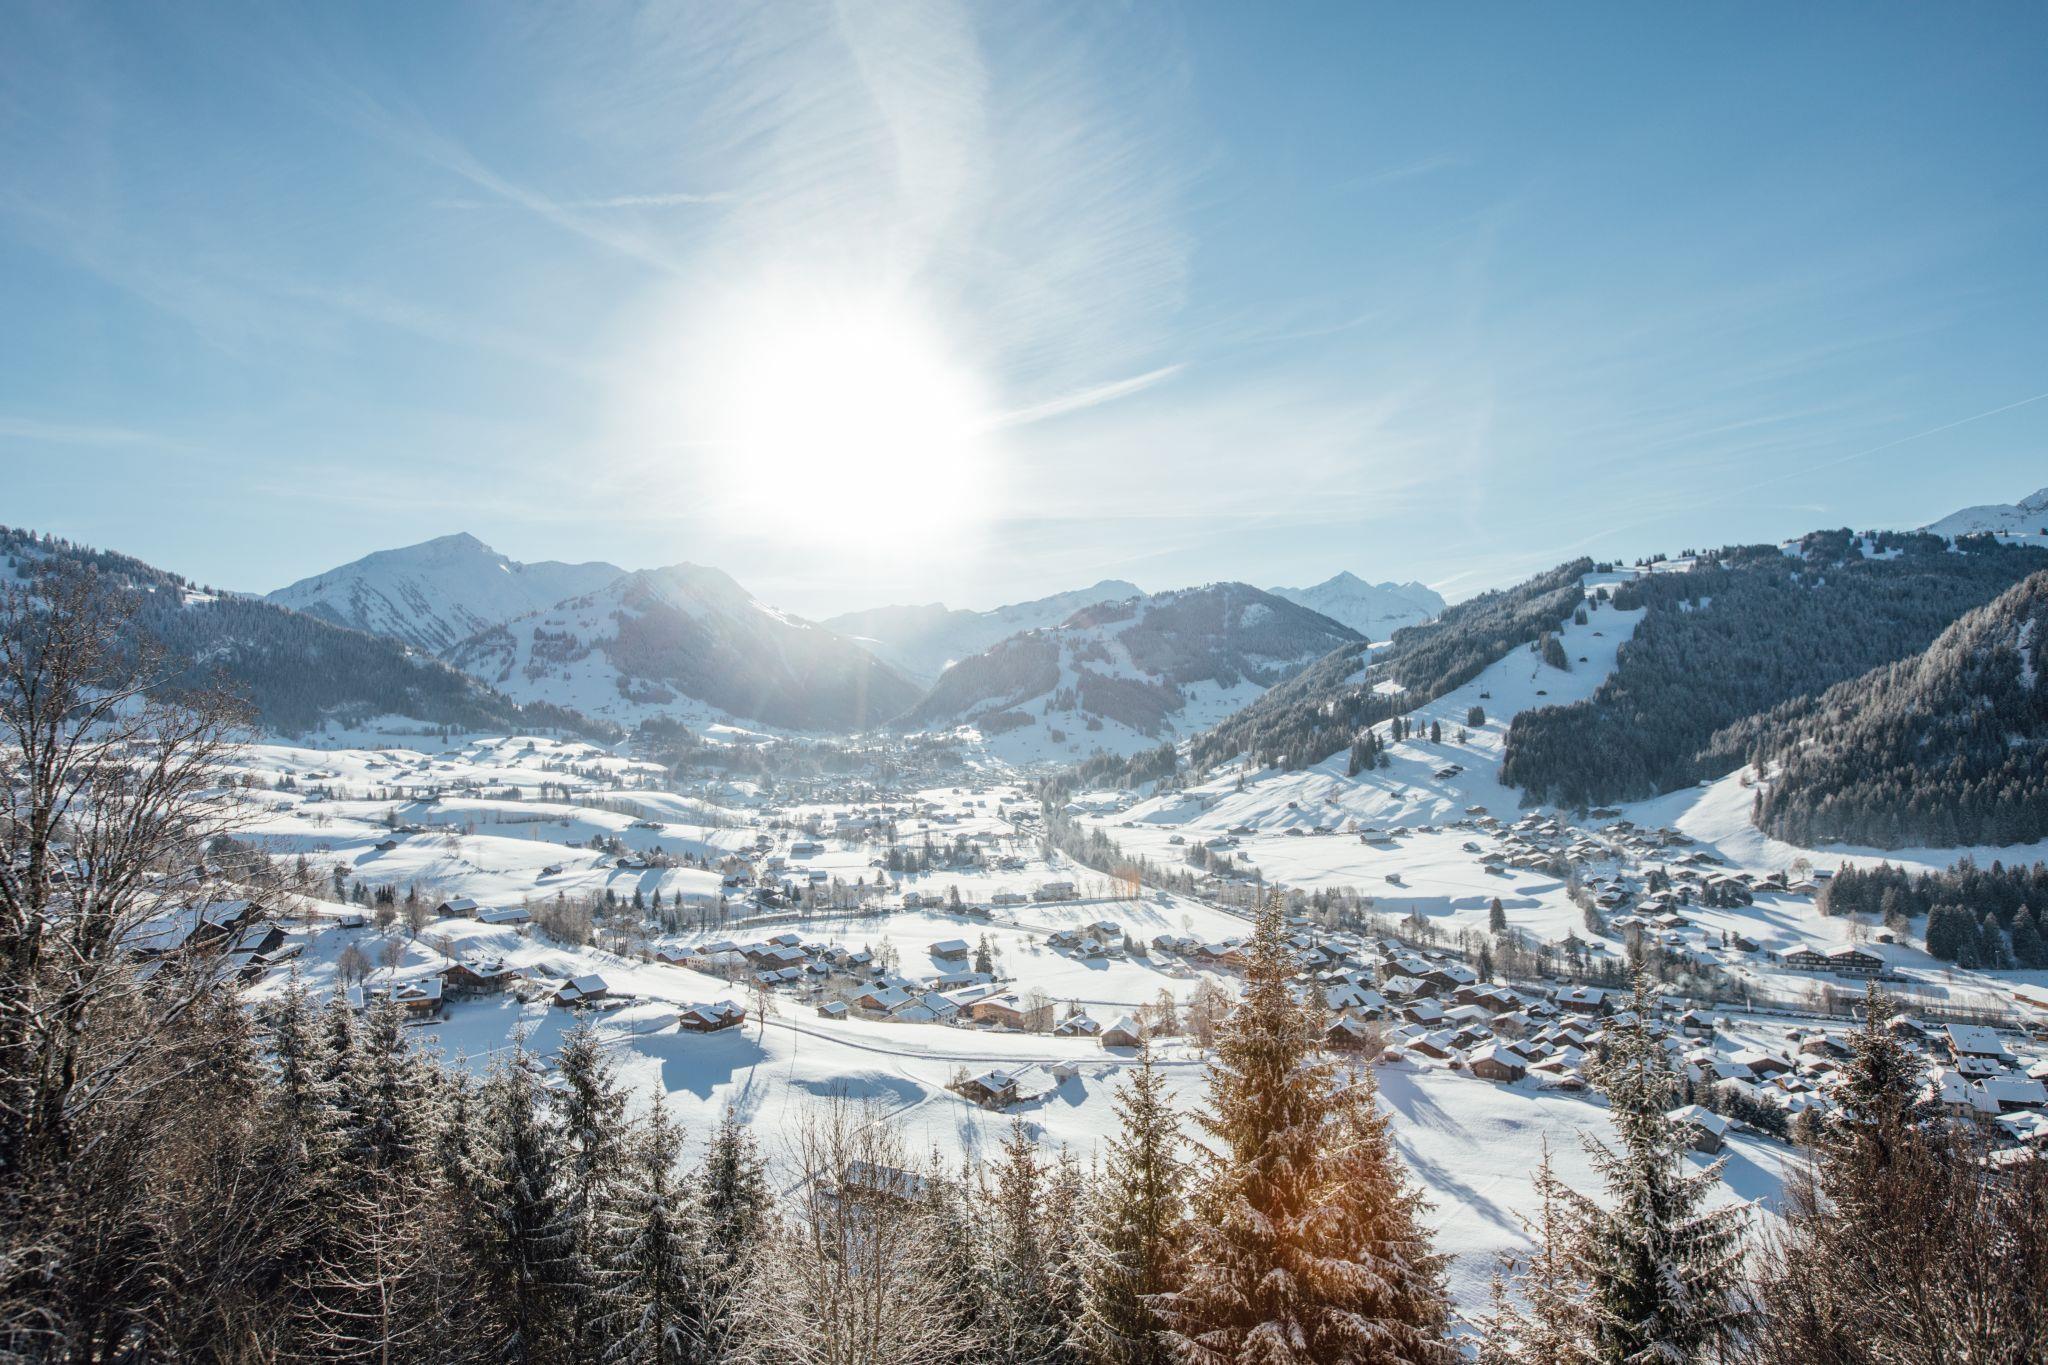 Forellensee SEE-Restaurant & Ausflugsziel - Gstaad